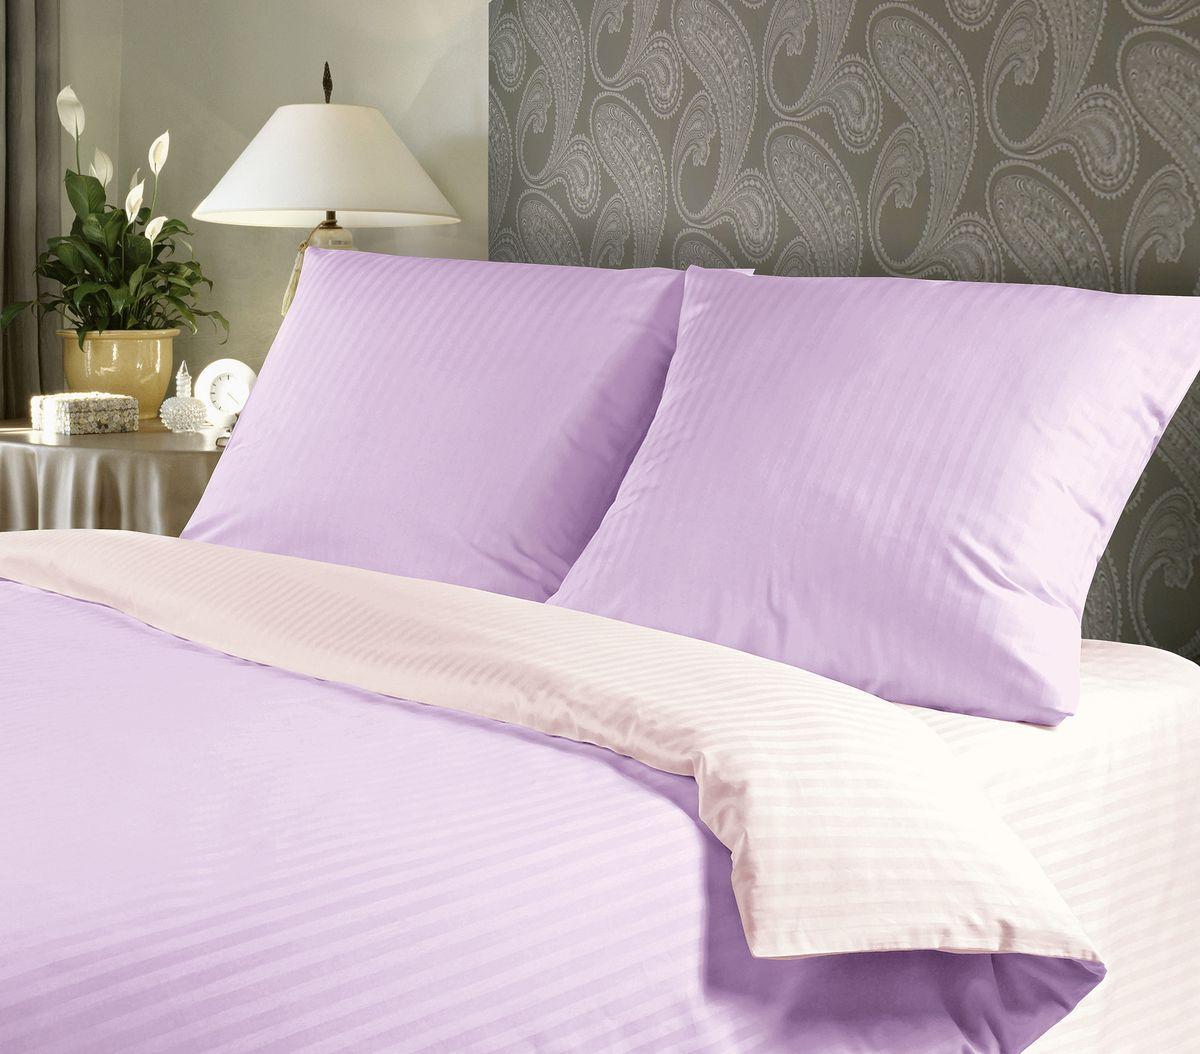 Комплект белья Verossa, 2-спальный, наволочки 50х70, цвет: сиреневый, белый20п-1MRСатин - настоящая роскошь для любителей понежиться в постели. Вас манит его блеск, завораживает гладкость, ласкает мягкость, и каждая минута с ним - истинное наслаждение.Тонкая пряжа и атласное переплетение нитей обеспечивают сатину мягкость и деликатность.Легкий блеск сатина делает дизайны живыми и переливающимися.100% хлопок, не электризуется и отлично пропускает воздух, ткань дышит.Легко стирается и практически не требует глажения.Не линяет, не изменяет вид после многочисленных стирок.